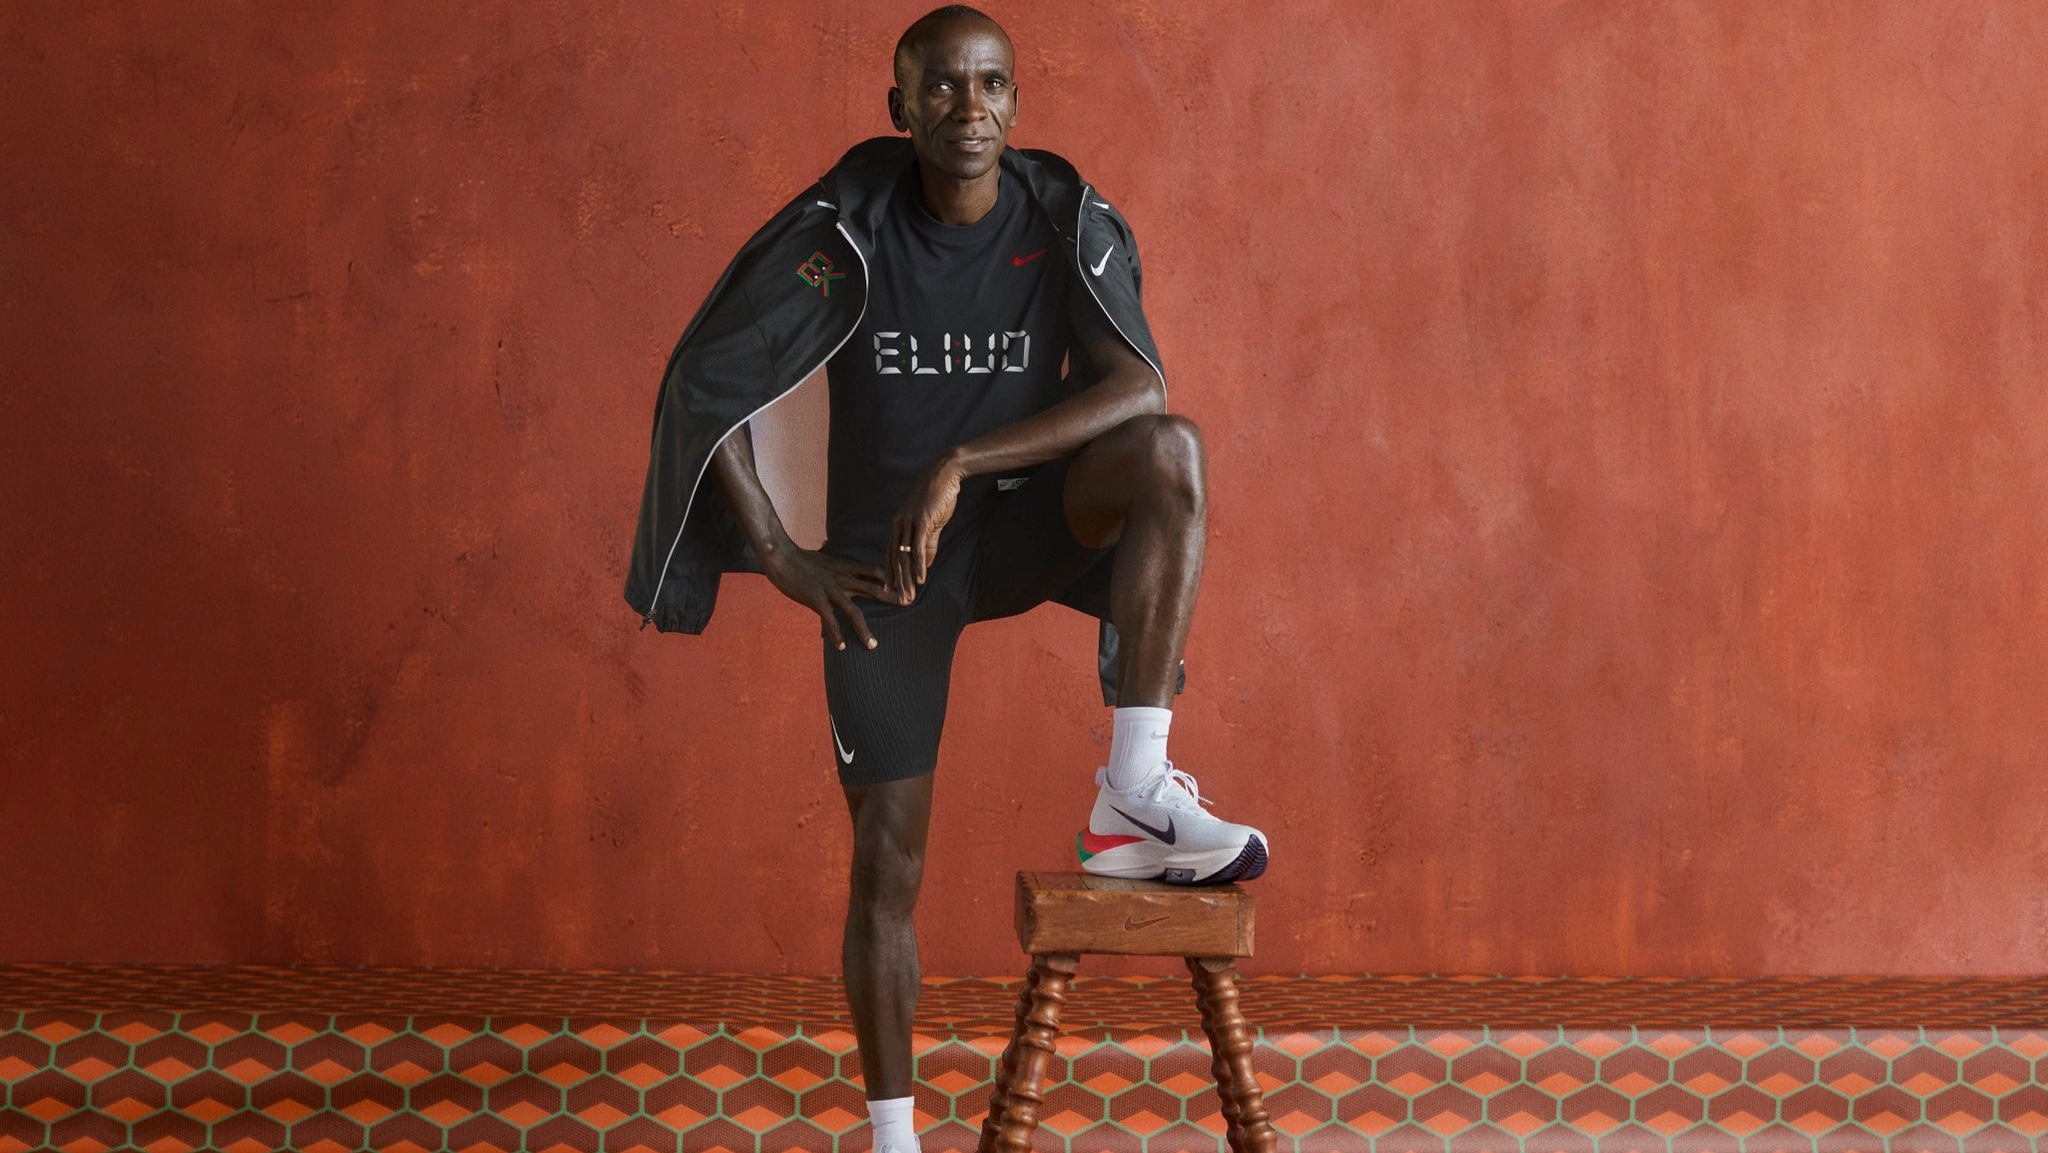 Alors qu'on vous en parlait déjà en octobre dernier, le recordman du monde du marathon Eliud Kipchoge va lancer sa collection avec Nike. Elle sera composée de vêtements et de chaussures dont l'Alphafly Next% et la Pegasus 37 aux couleurs de son pays d'origine, le Kenya.